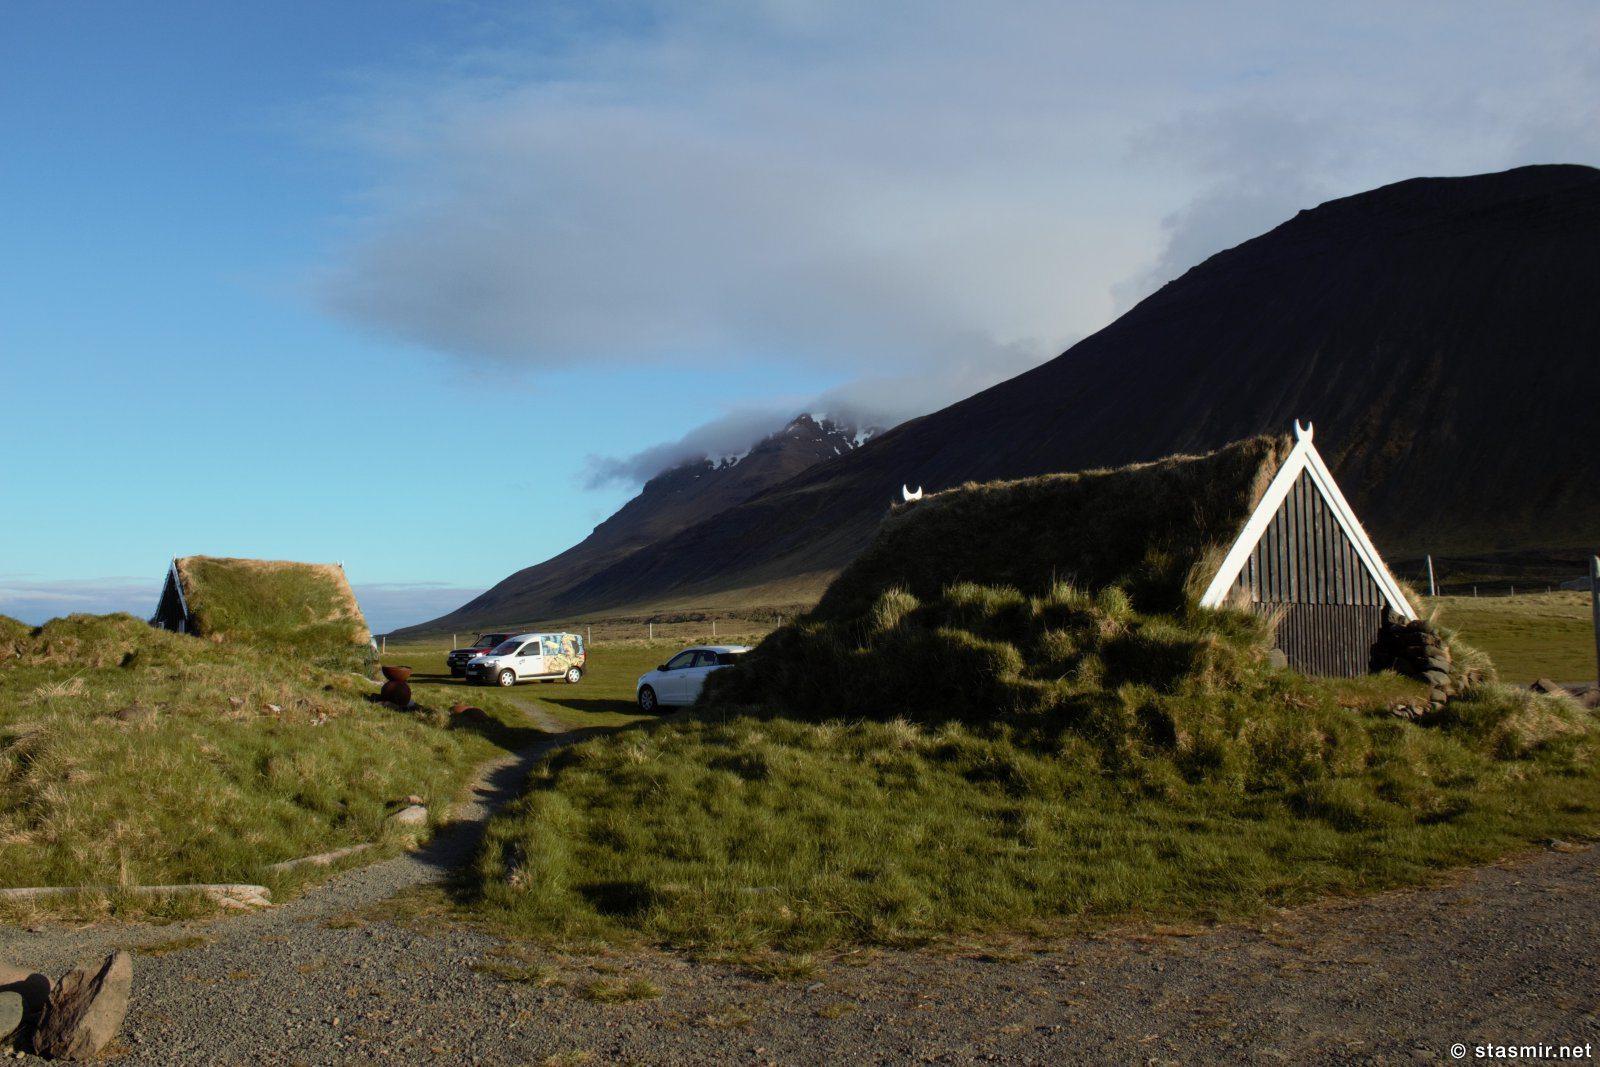 бассейн Греттира, северная Исландия, Скаги, фото Стасмир, photo Stasmir